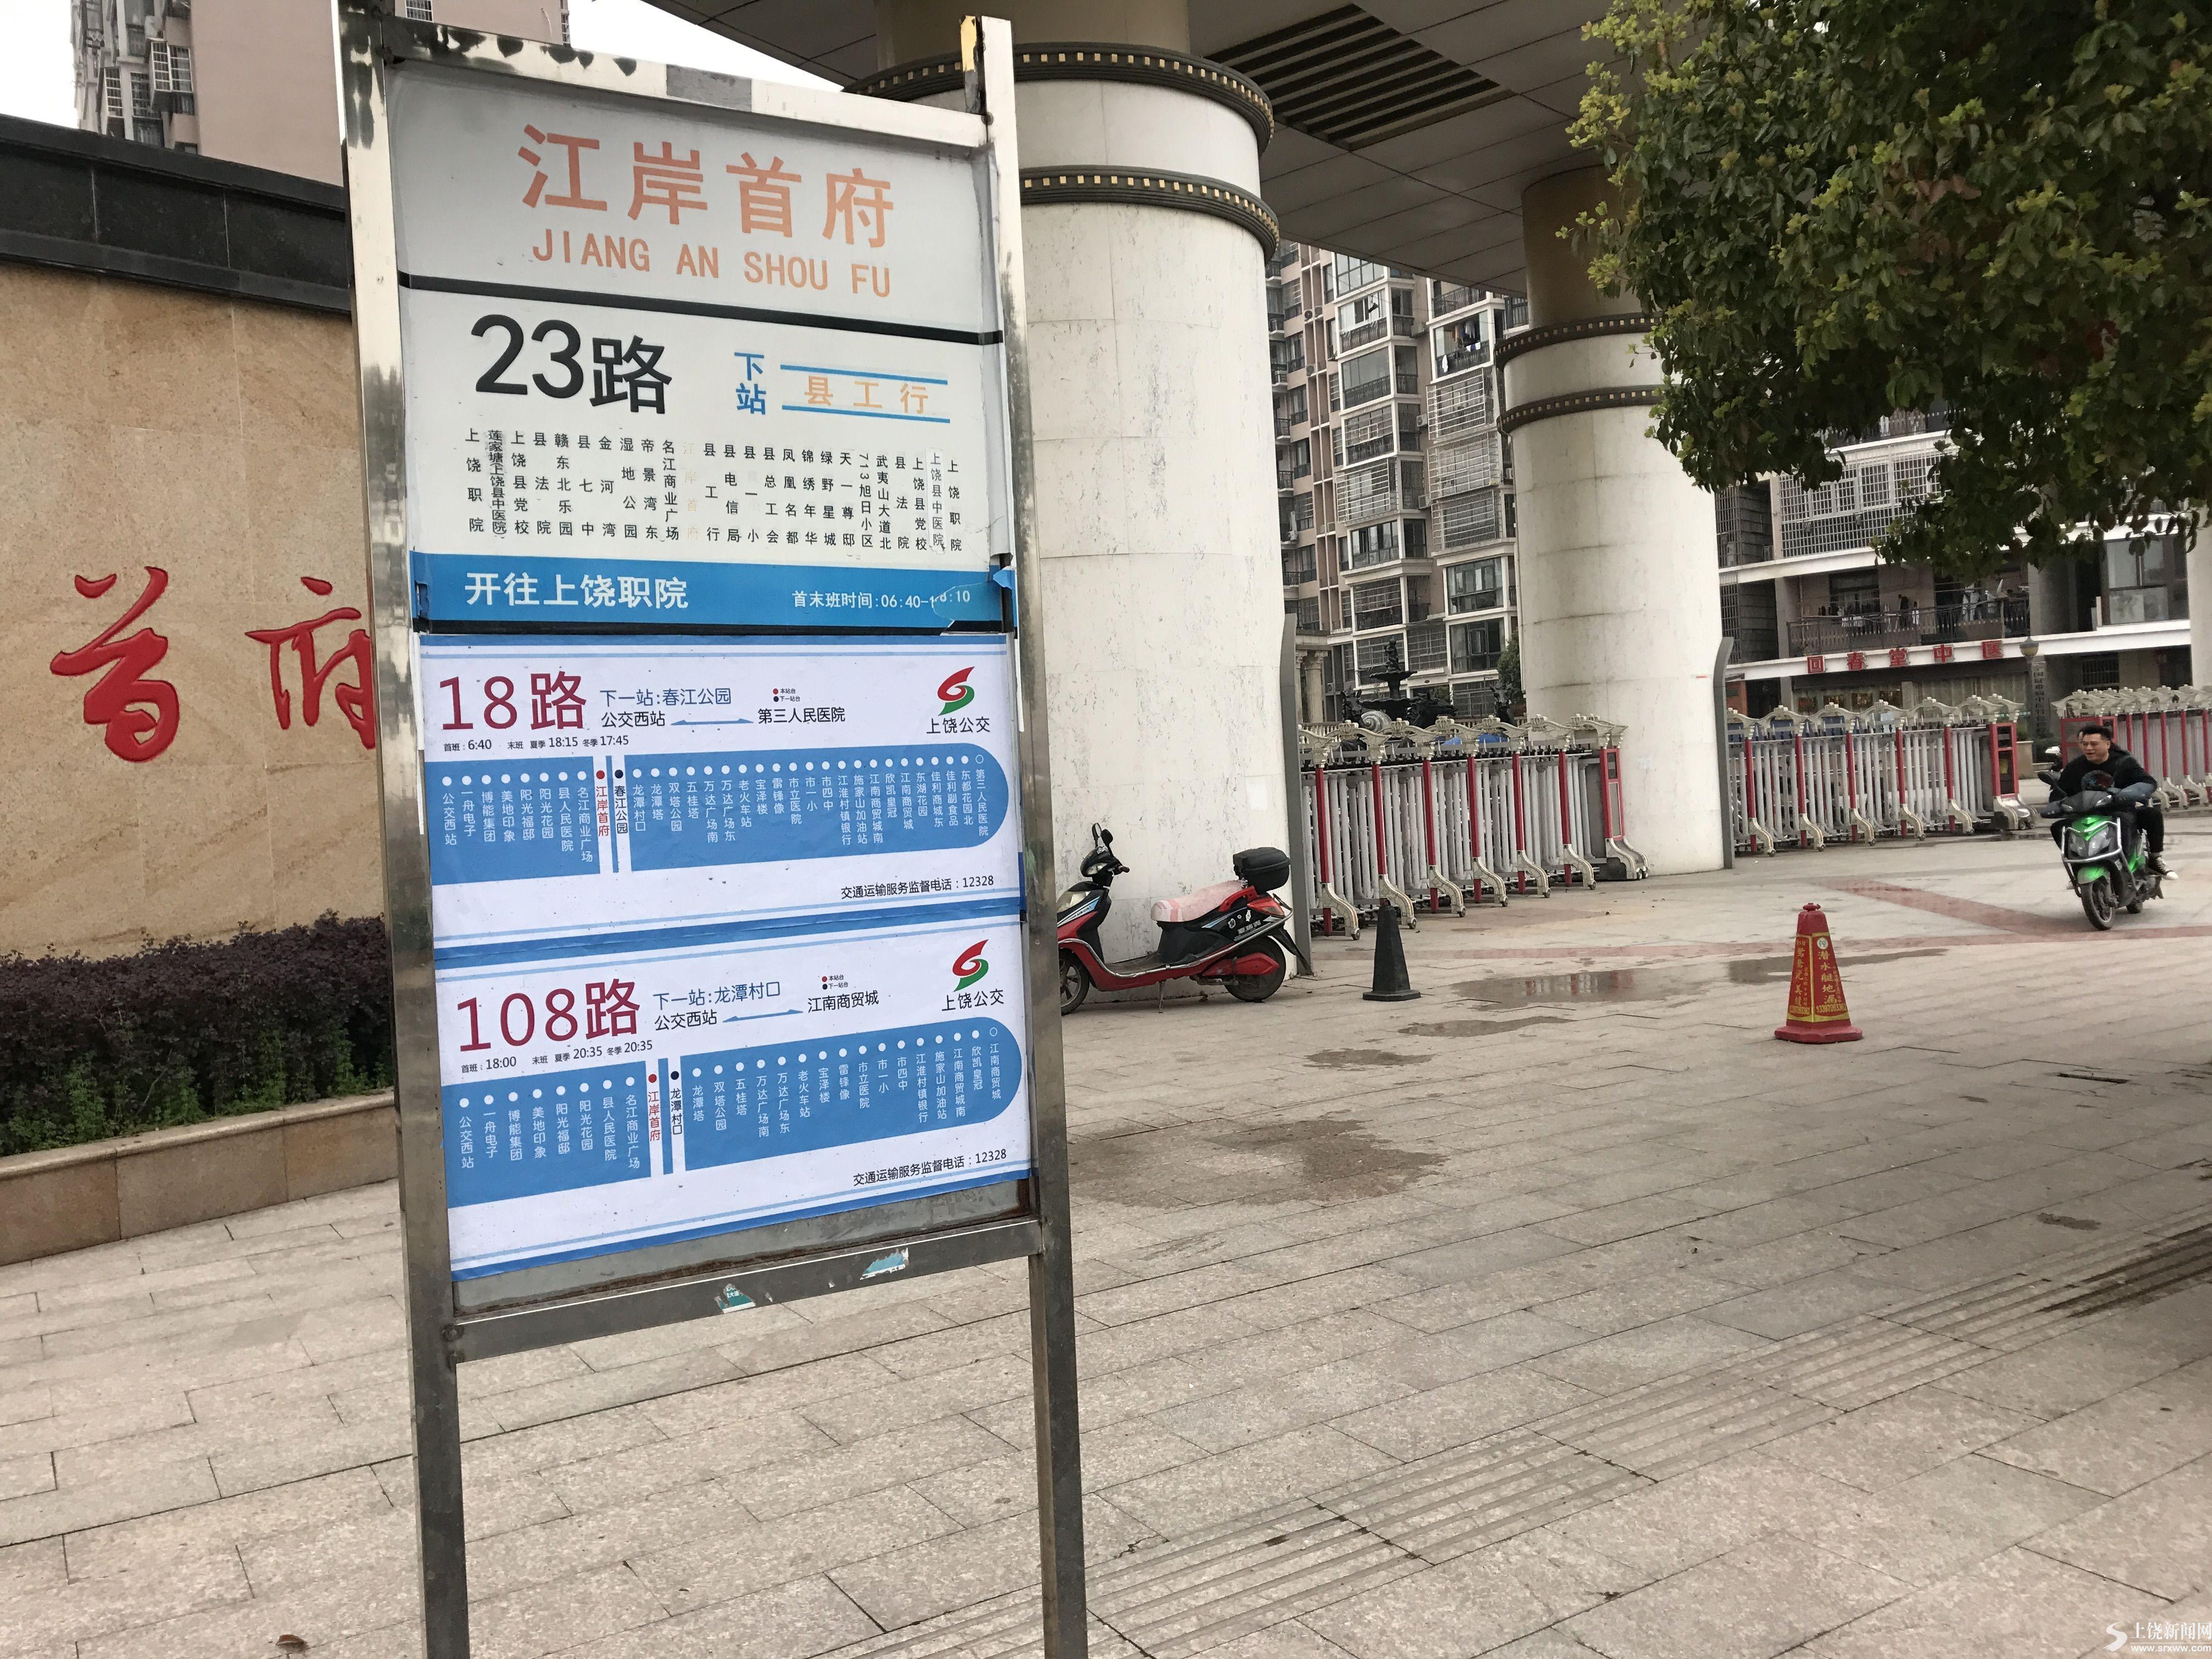 18路公交何时恢复原线路?待道路改造竣工